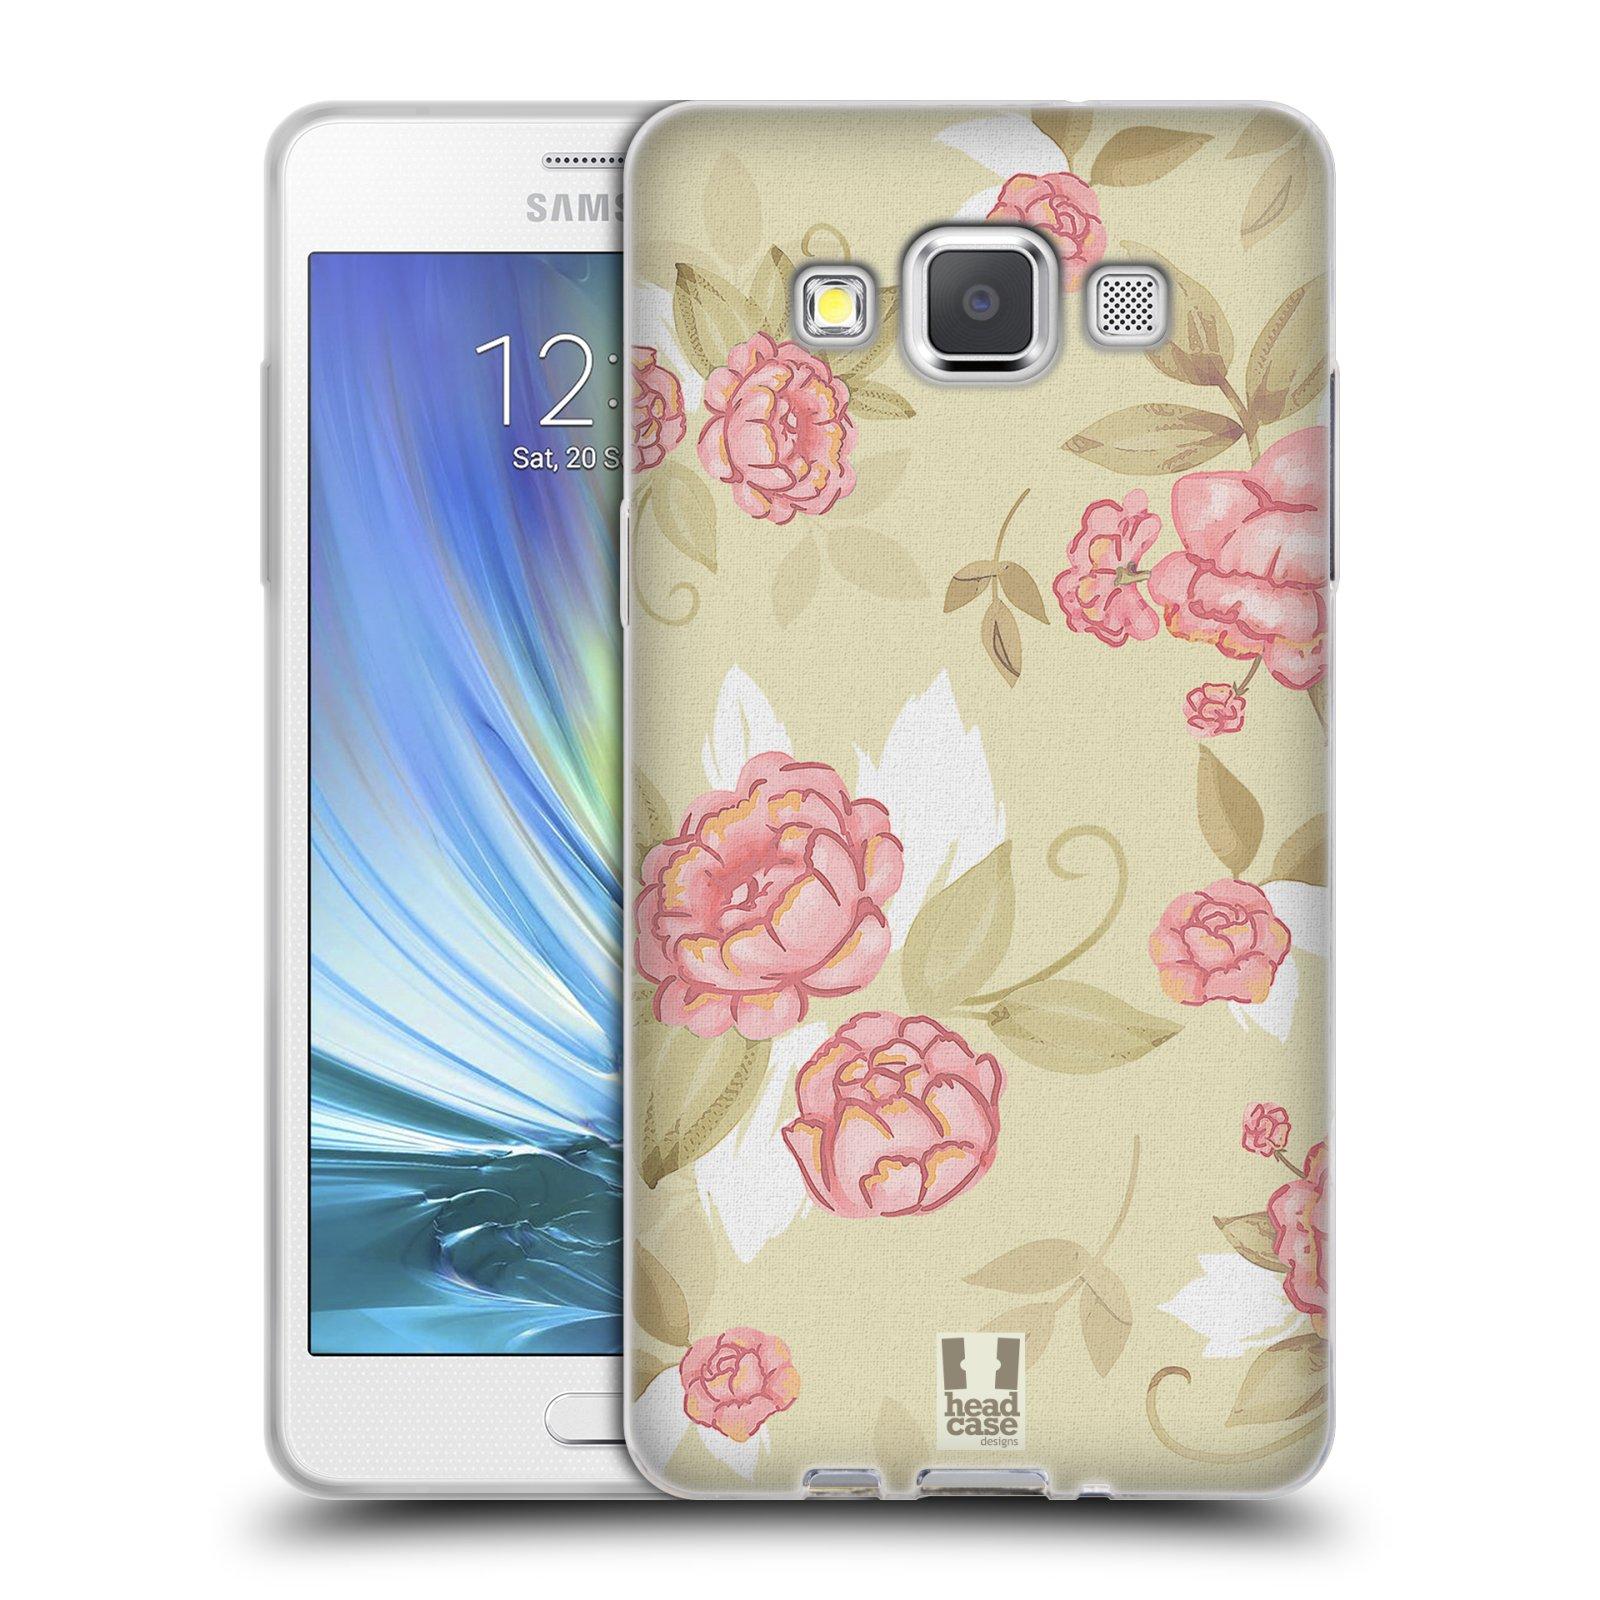 HEAD CASE silikonový obal na mobil Samsung Galaxy A5 Francouzský motiv venkov velké růže